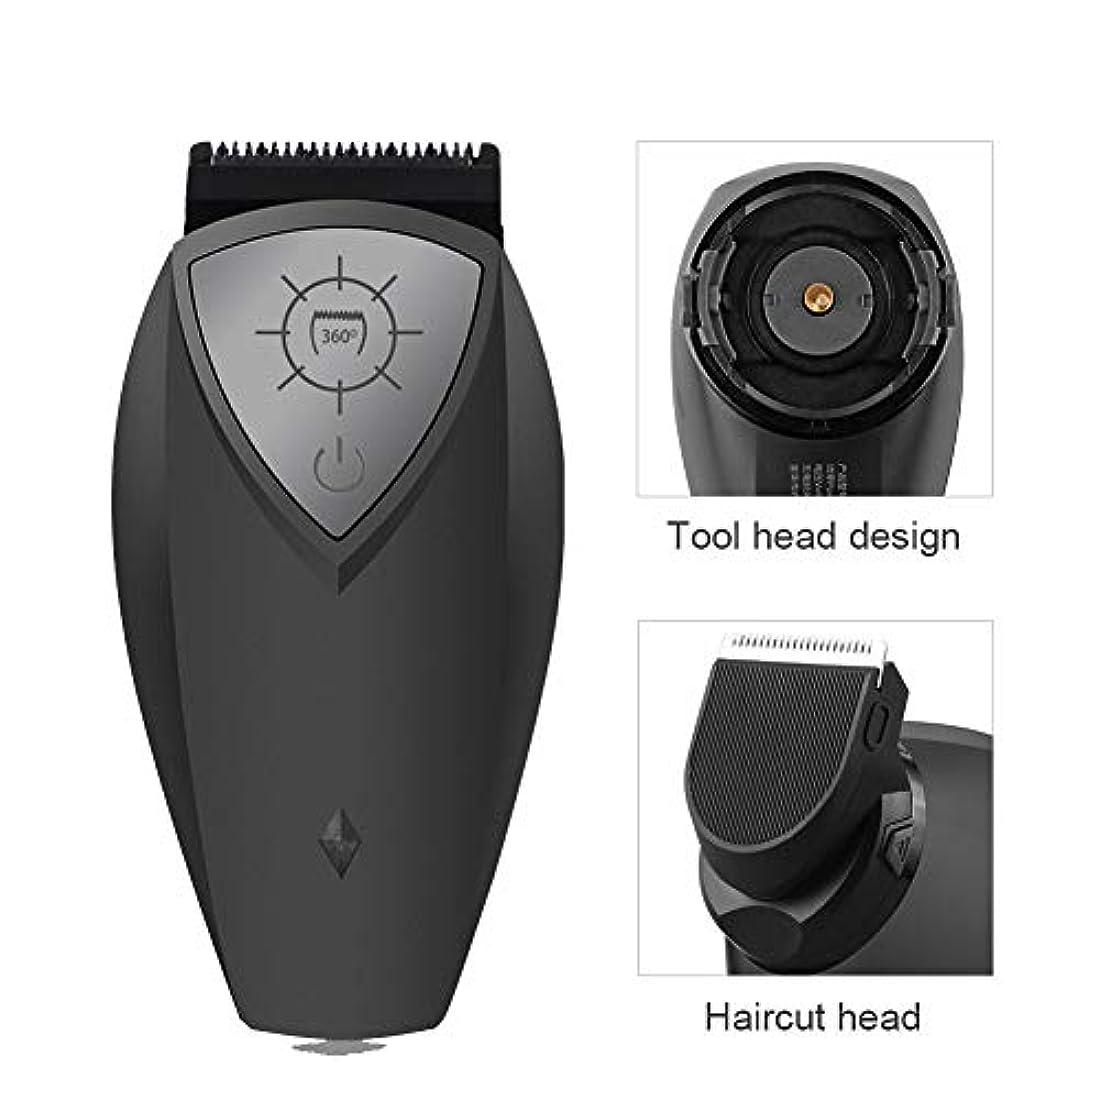 ブロンズ担当者フリンジCoolTack  360度の回転式有料男性の電気シェーバーボディひげの毛のトリマーのかみそり